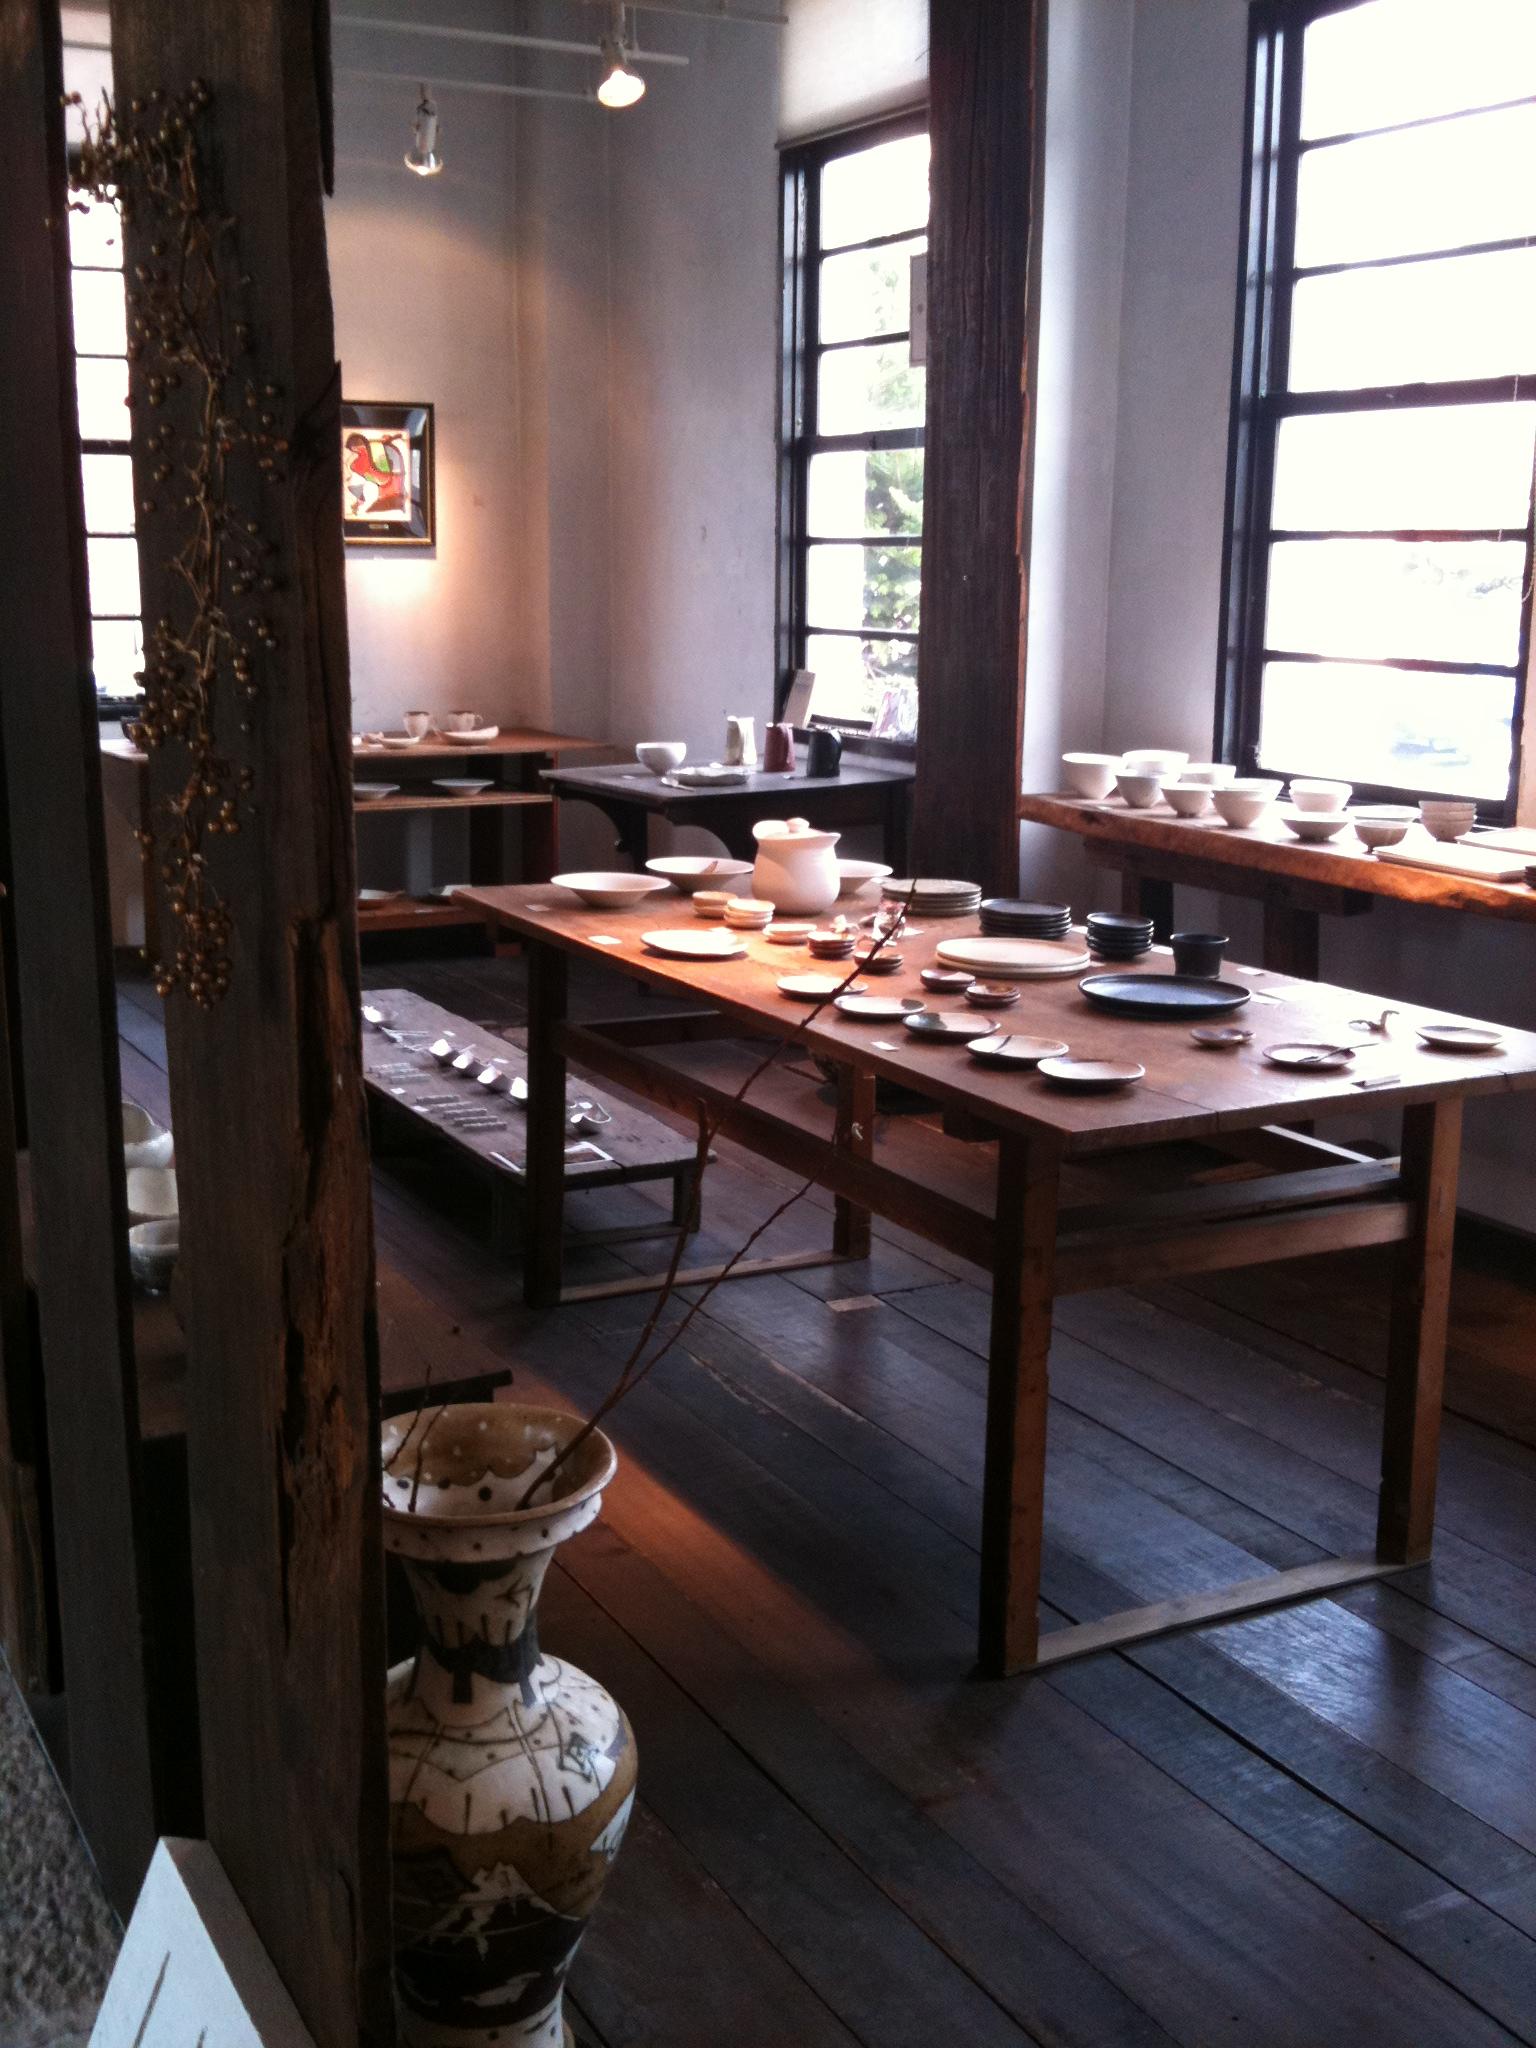 小野町デパート 和歌山でゆっくり読書できるカフェ - きょうも ...